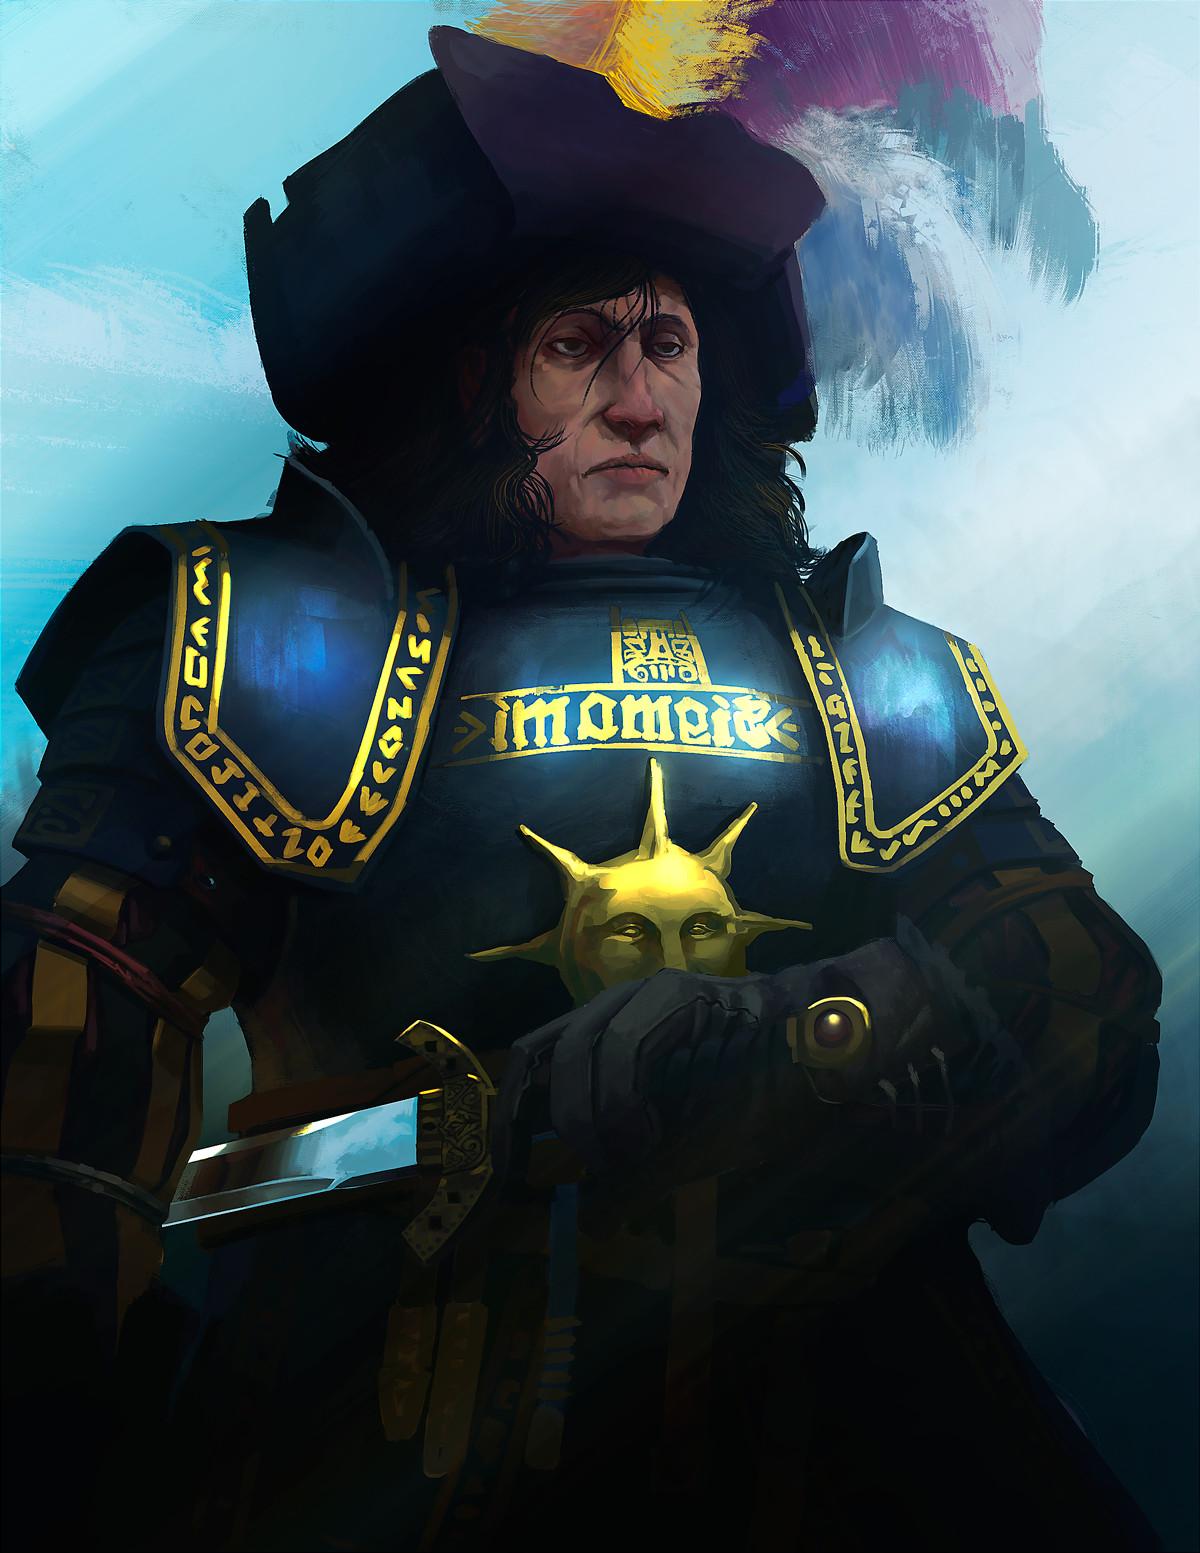 Nicolas chacin knight2